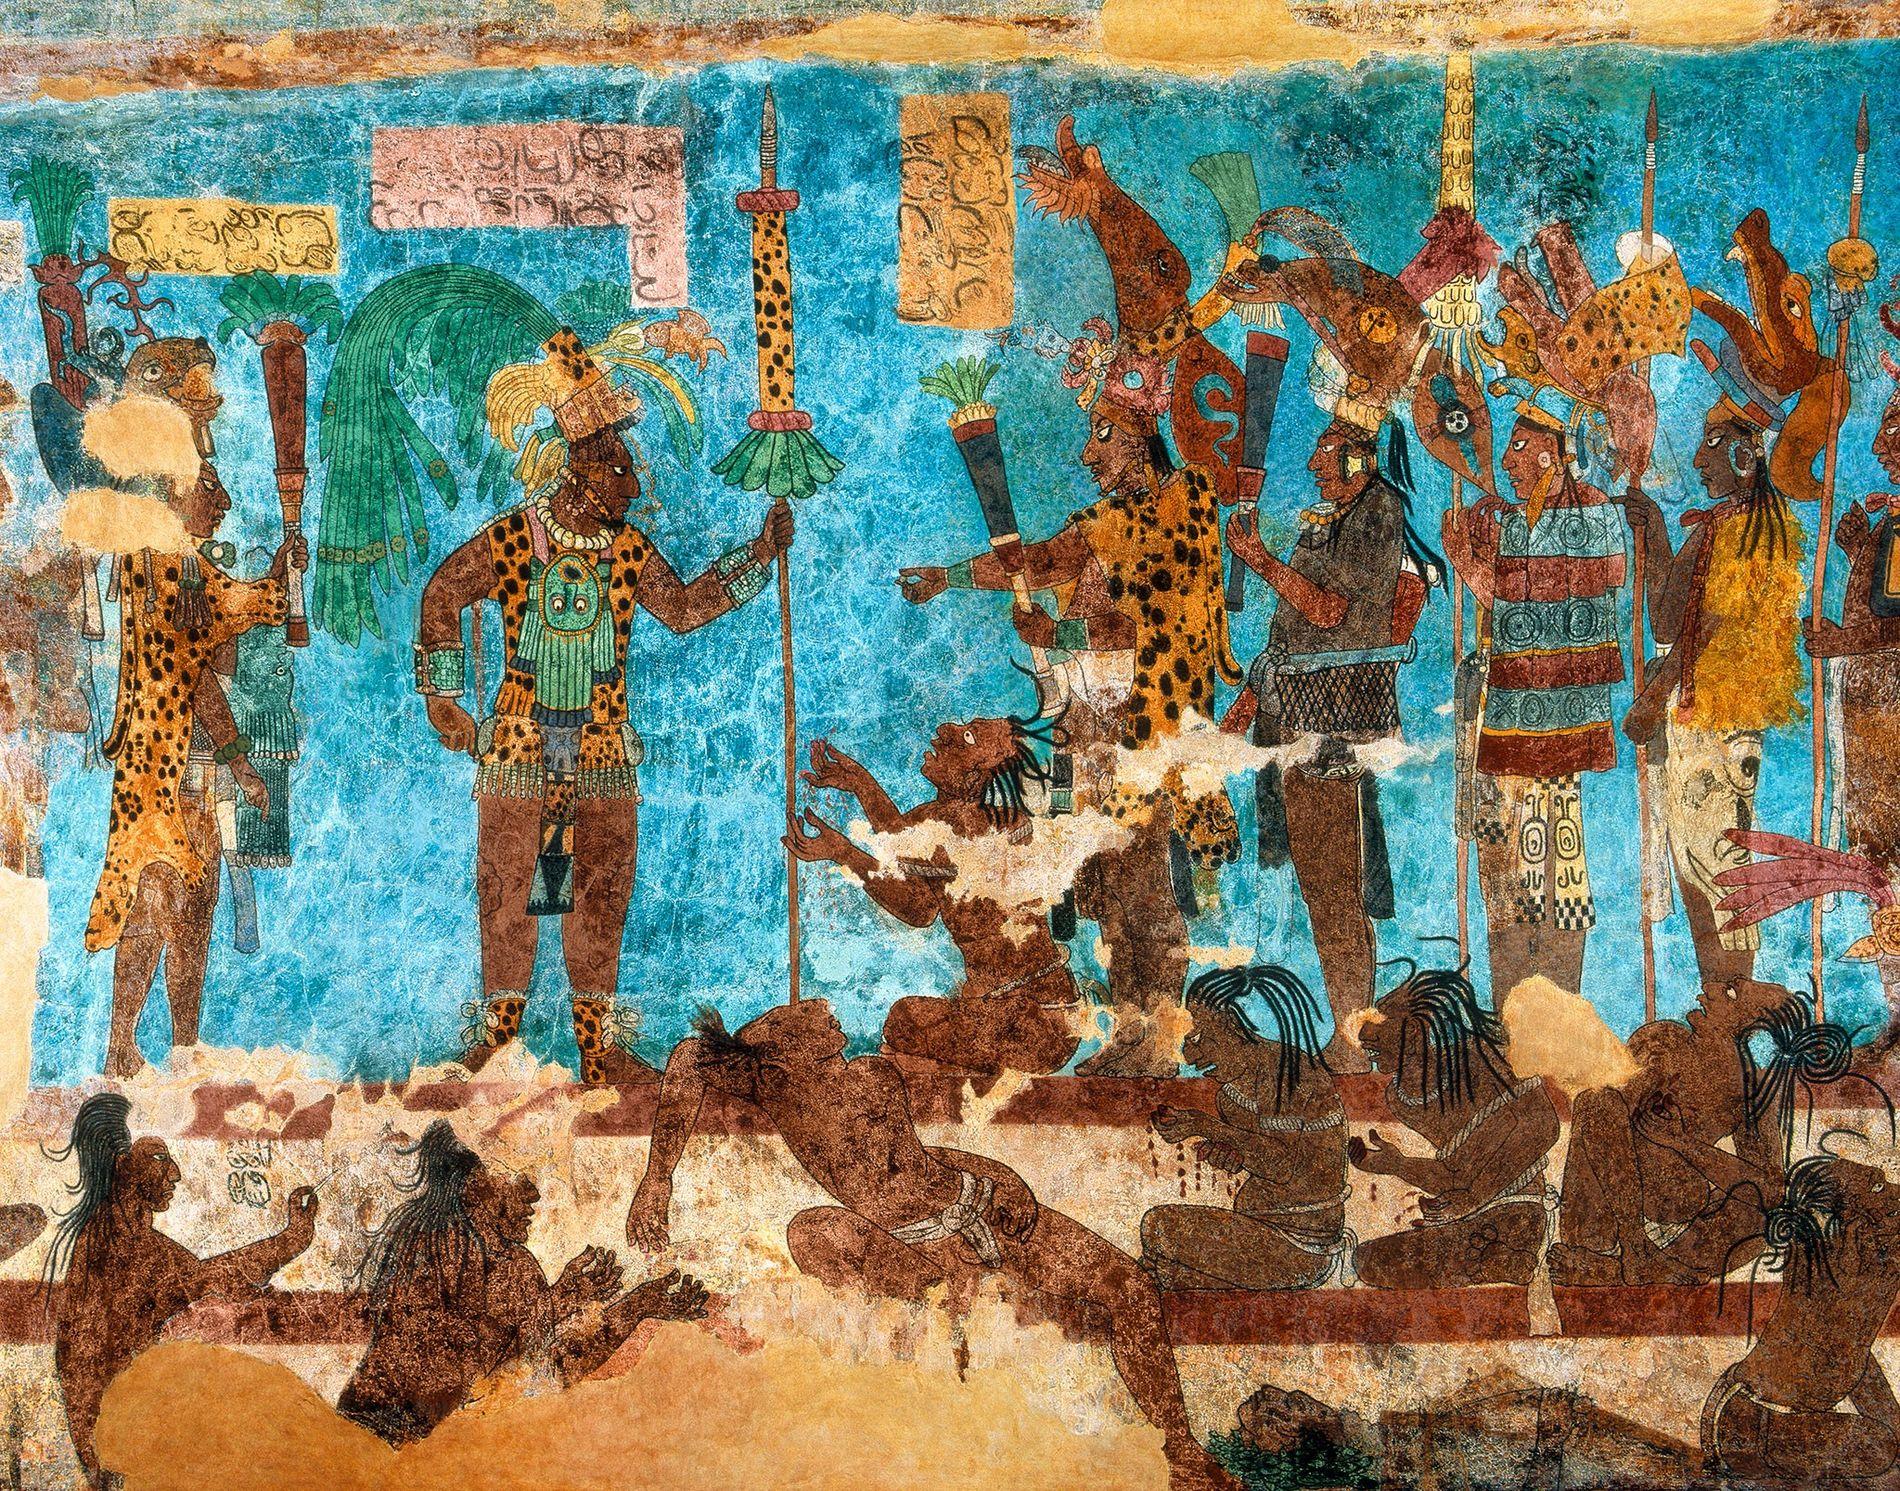 Loin d'être les paysans et prêtres pacifiques que l'on imaginait, les Mayas ont mené des guerres ...